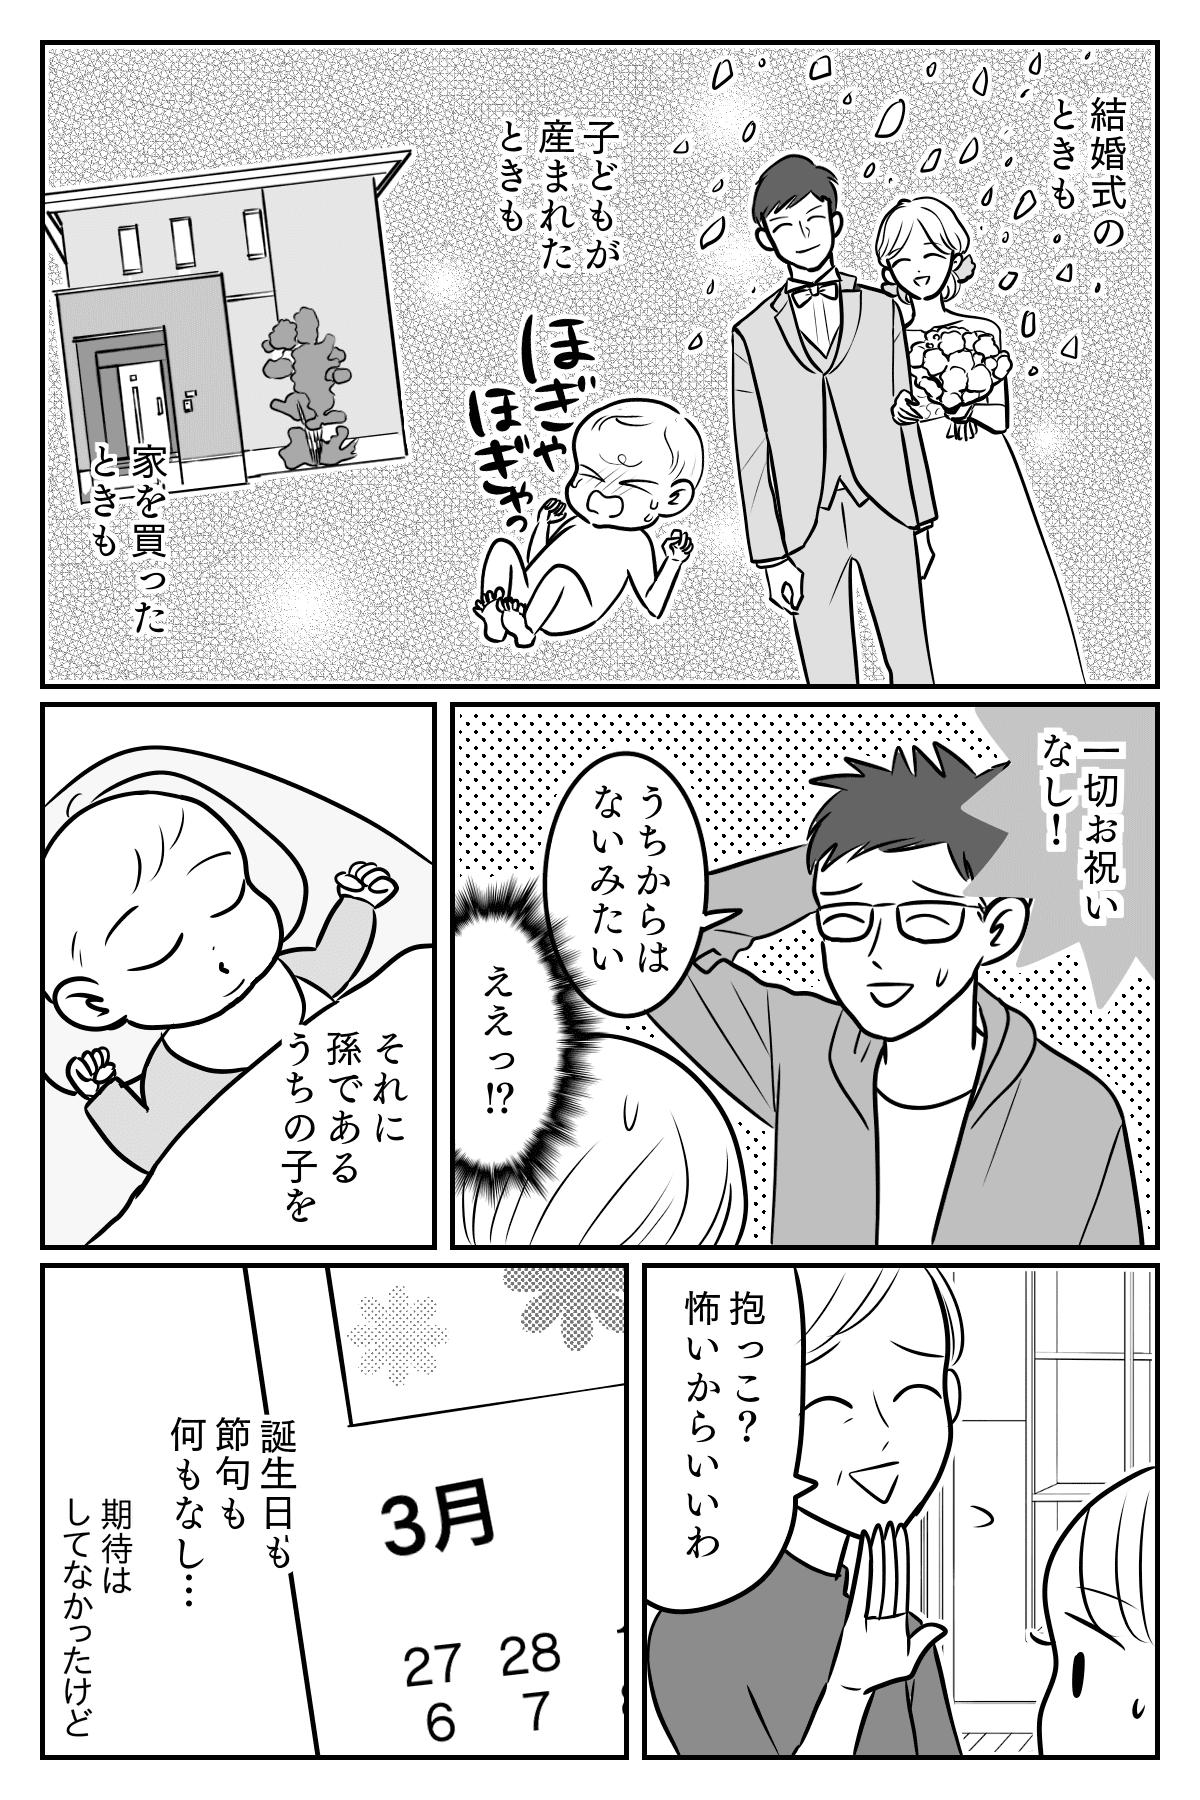 援助1-2